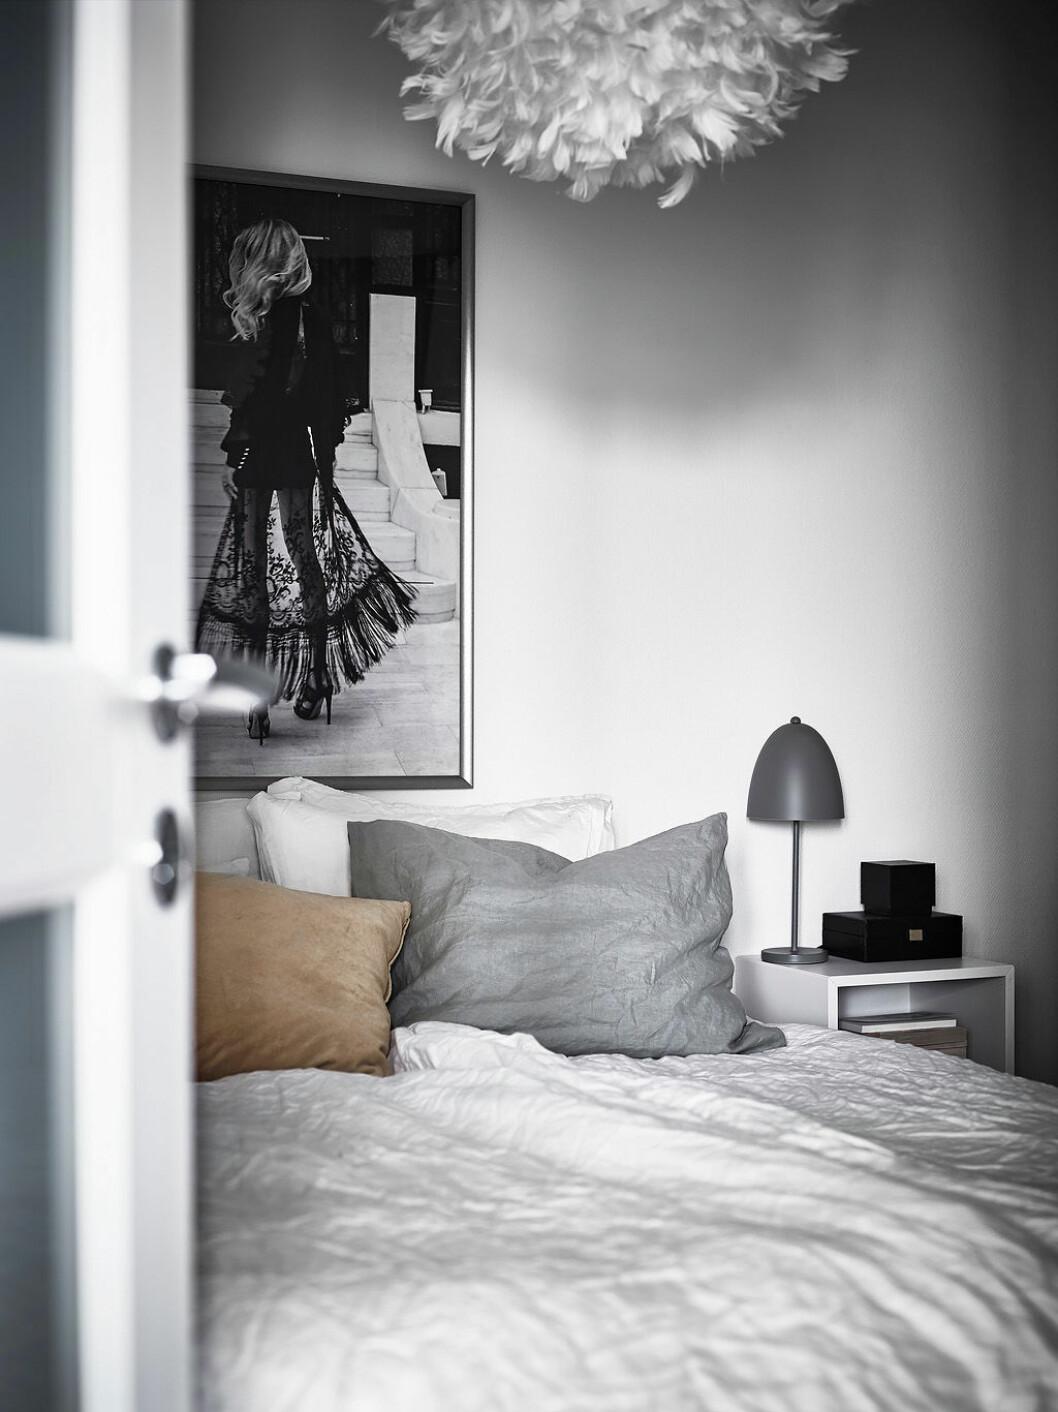 Vitmålat sovrum med fjäderlampa och kuddar i jordnära toner